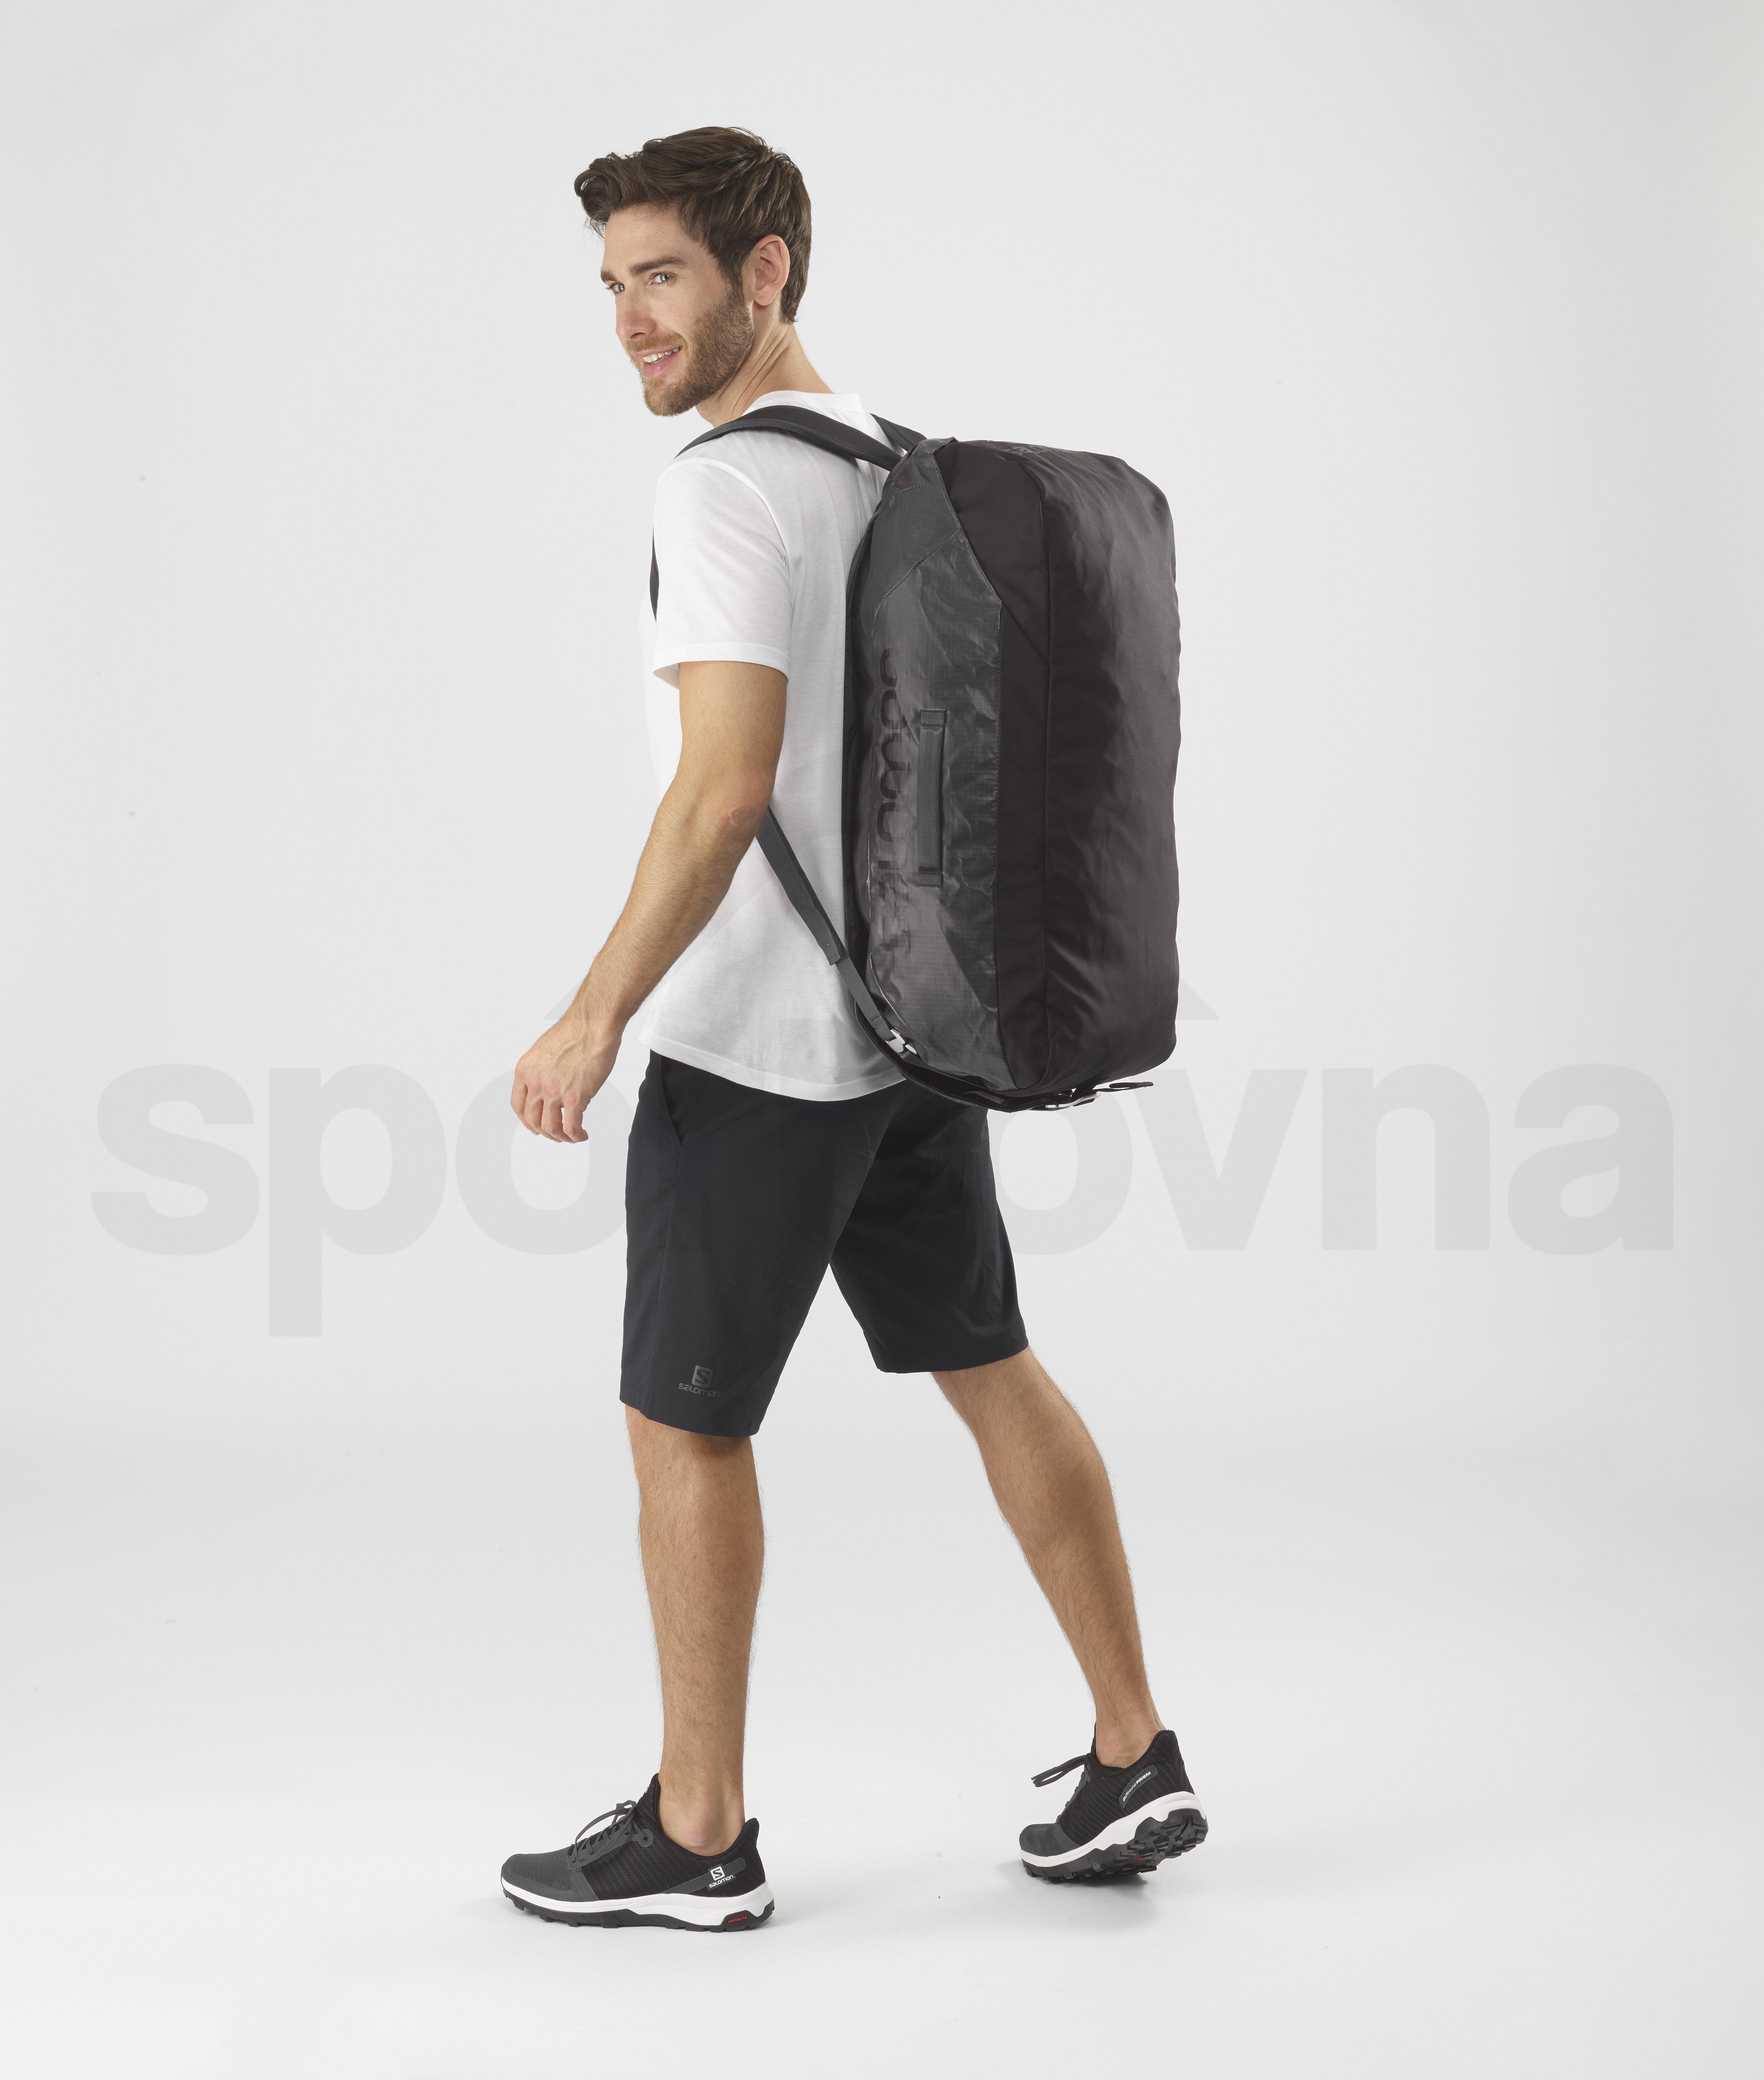 Cestovní taška Salomon OUTLIFE DUFFEL 45 - šedá/černá